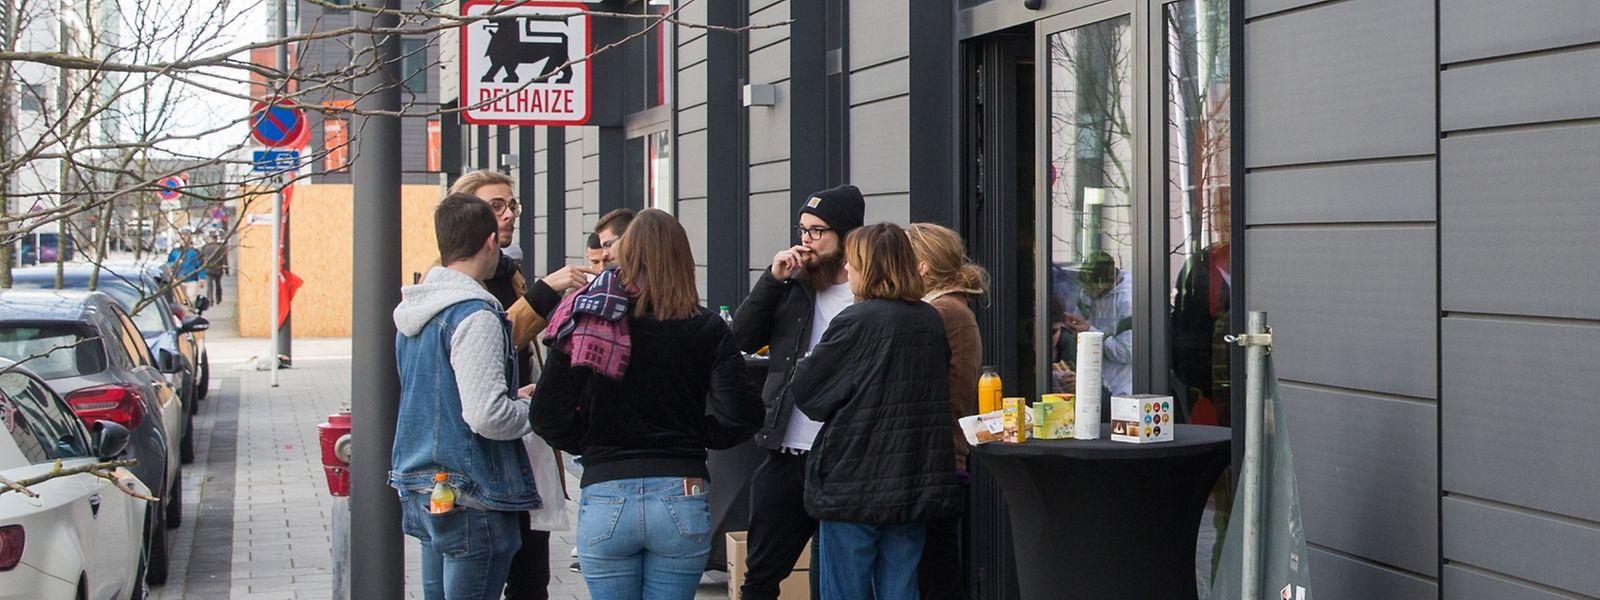 """Der """"Studentensupermarkt"""" unweit des  klassischen Delhaize in Belval."""